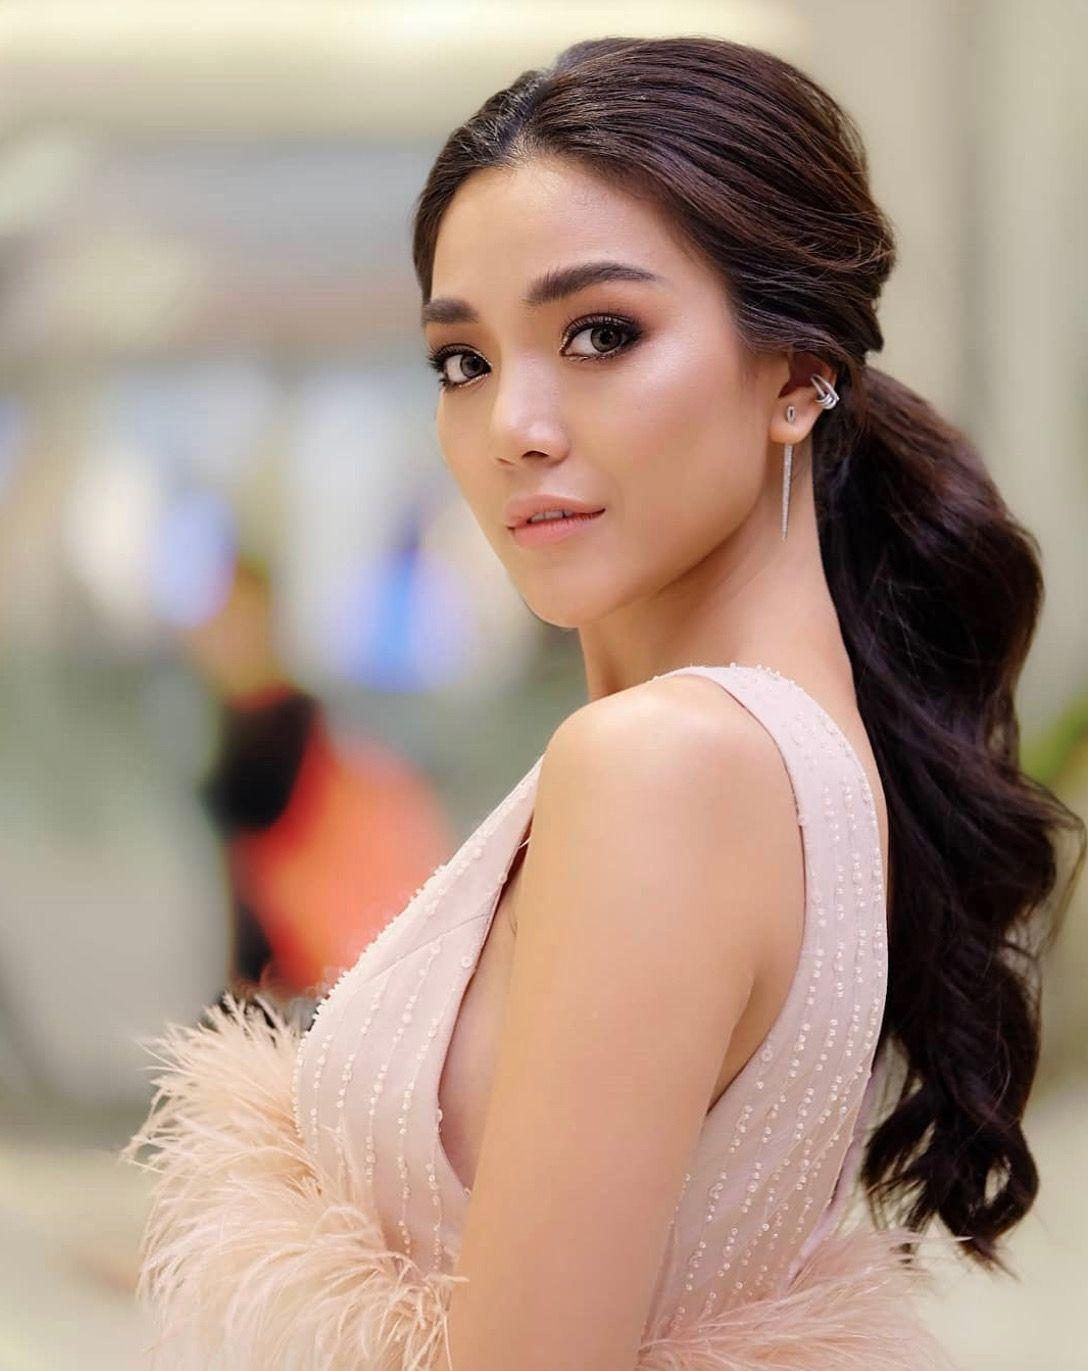 Naturalasianmakeup Bridal Hair And Makeup Beauty Asian Beauty